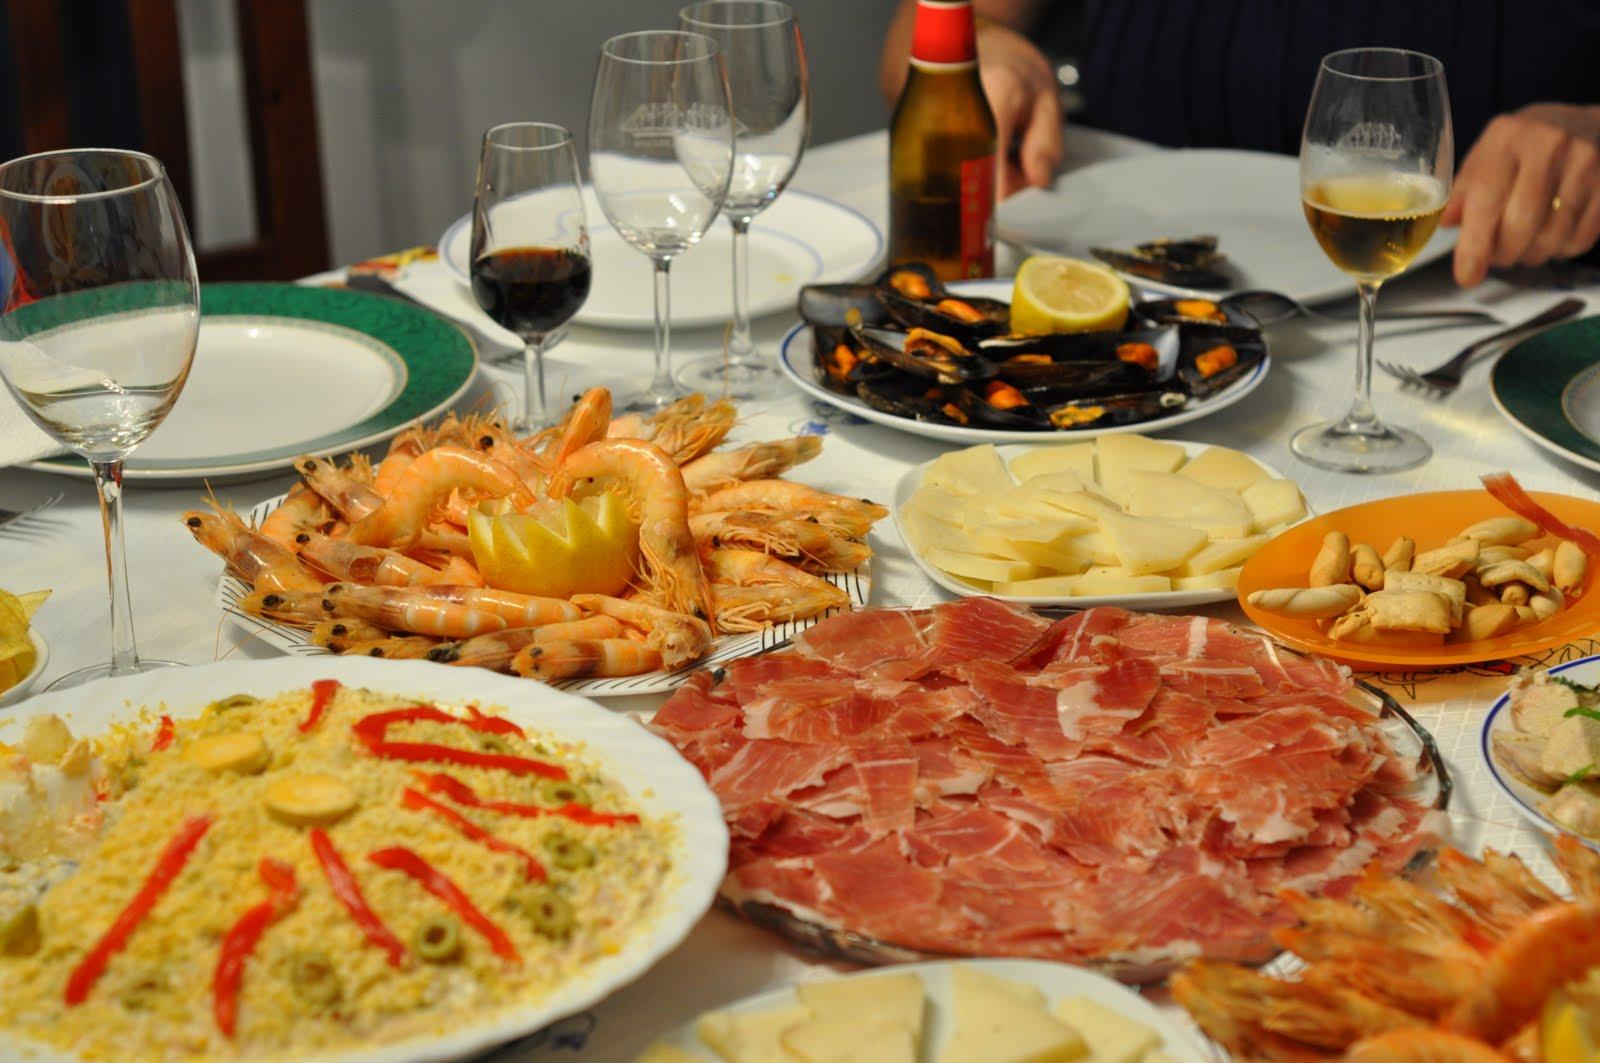 Mam s todoterreno 7 ideas para preparar una mesa especial para las fiestas - Comidas para noche vieja ...